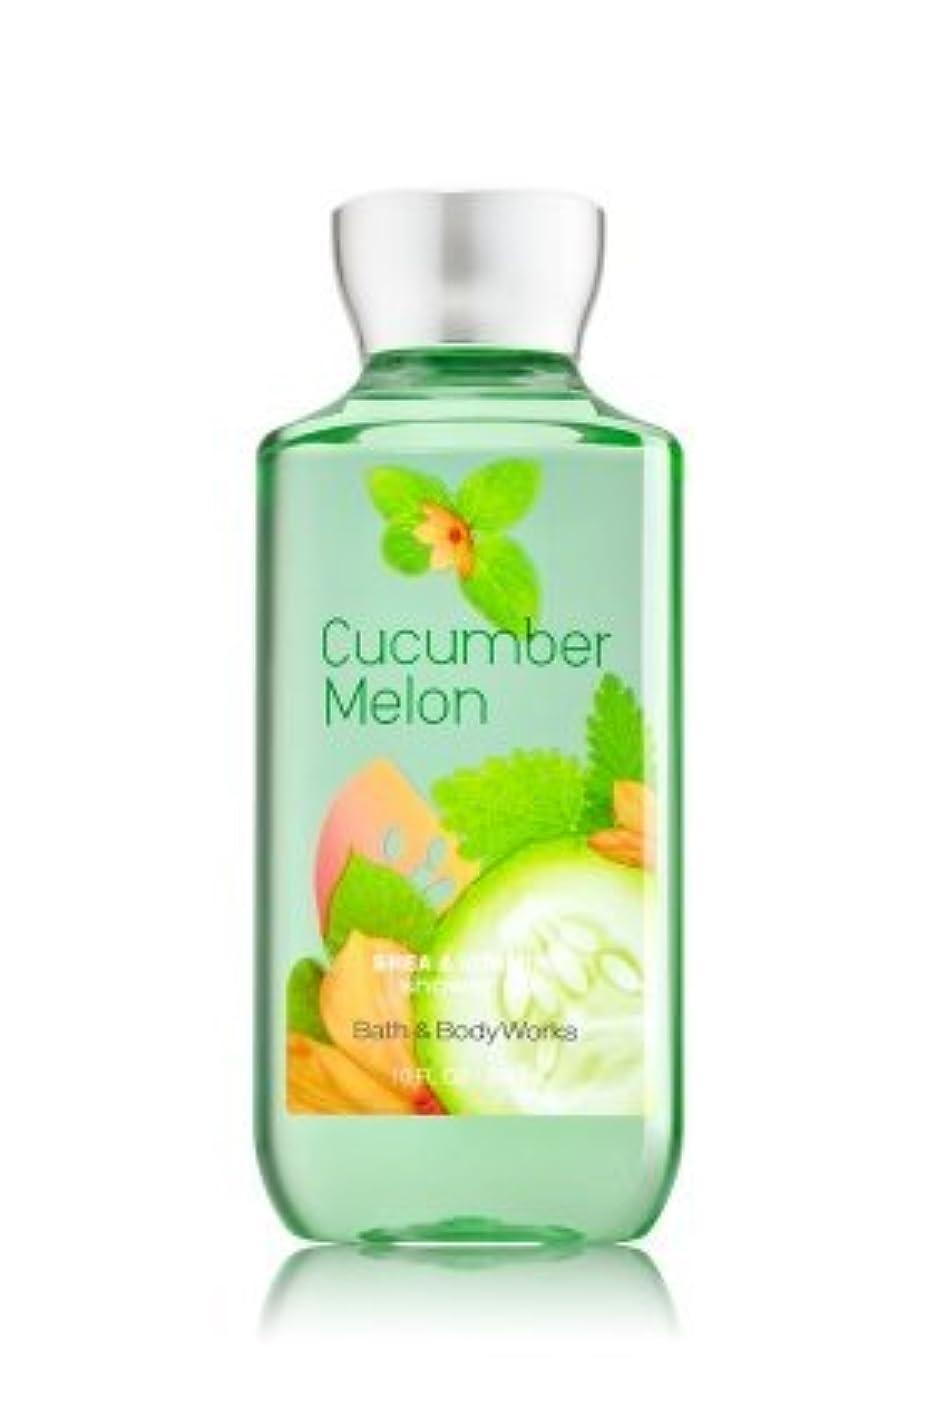 安全哀れなで【Bath&Body Works/バス&ボディワークス】 シャワージェル キューカンバーメロン Shower Gel Cucumber Melon 10 fl oz / 295 mL [並行輸入品]